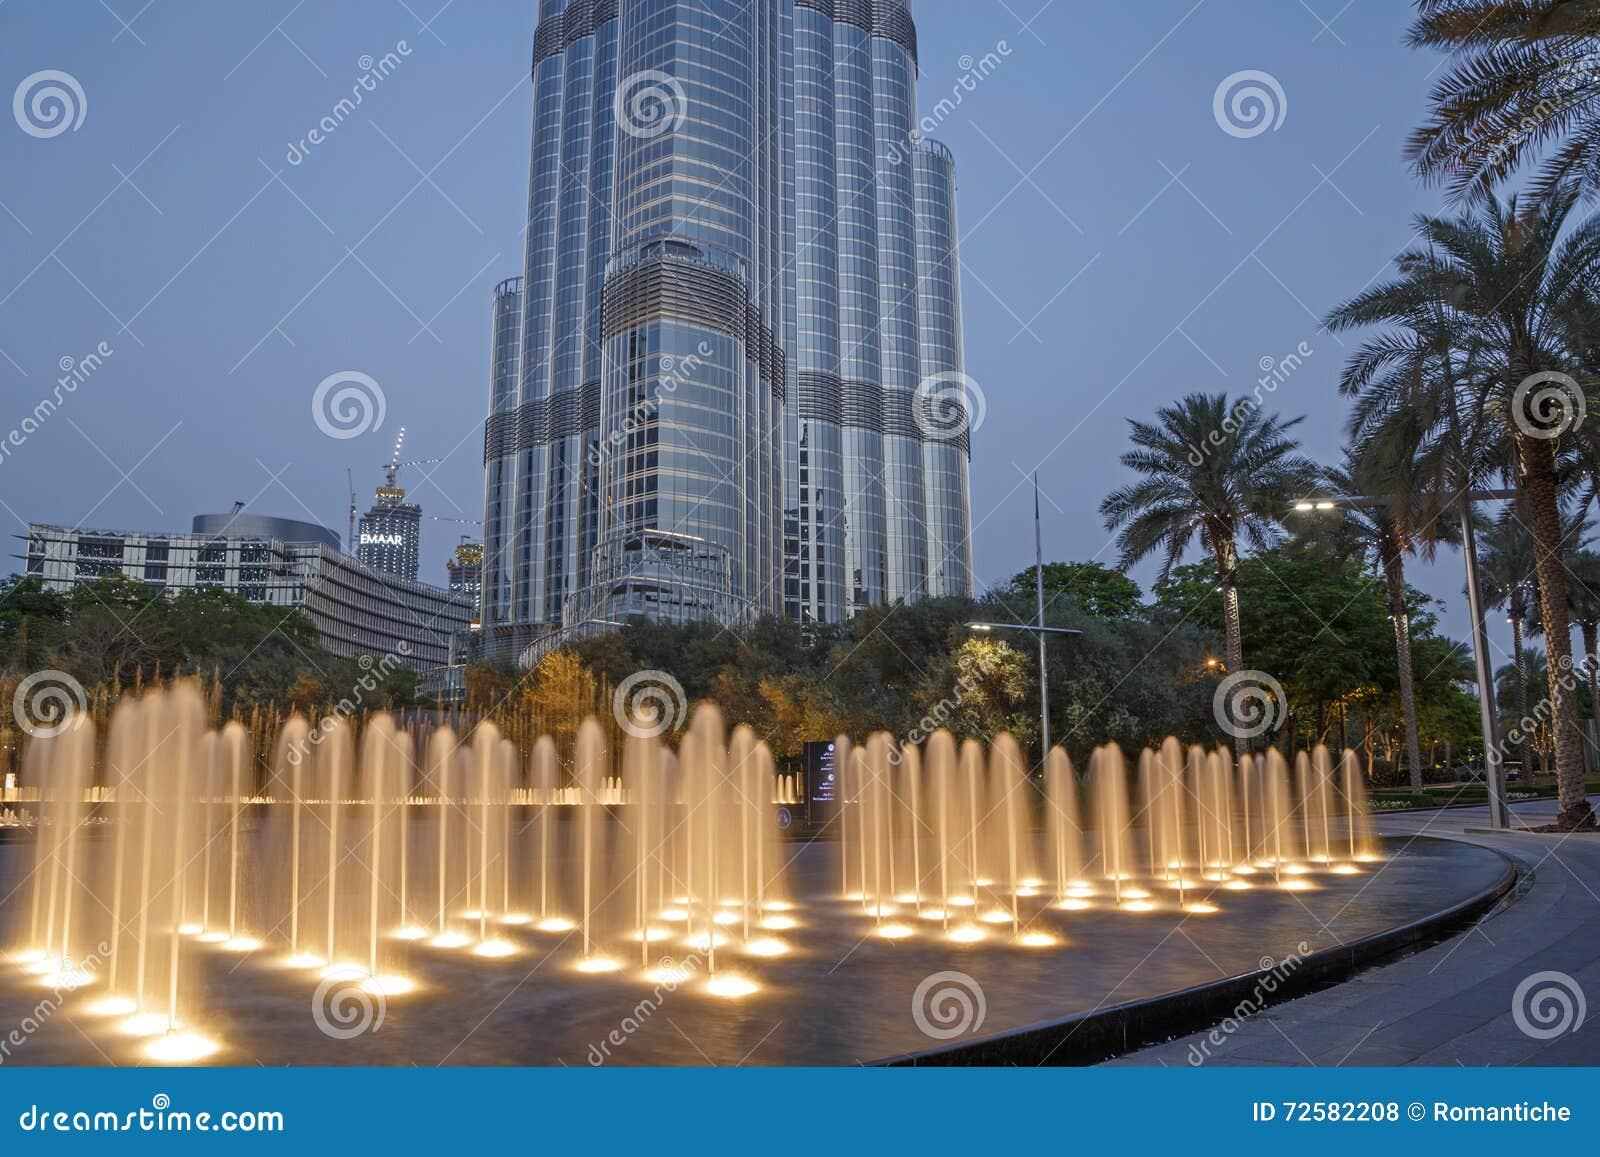 dubai uae de mayo de fuente delante de la torre de burj khalifa